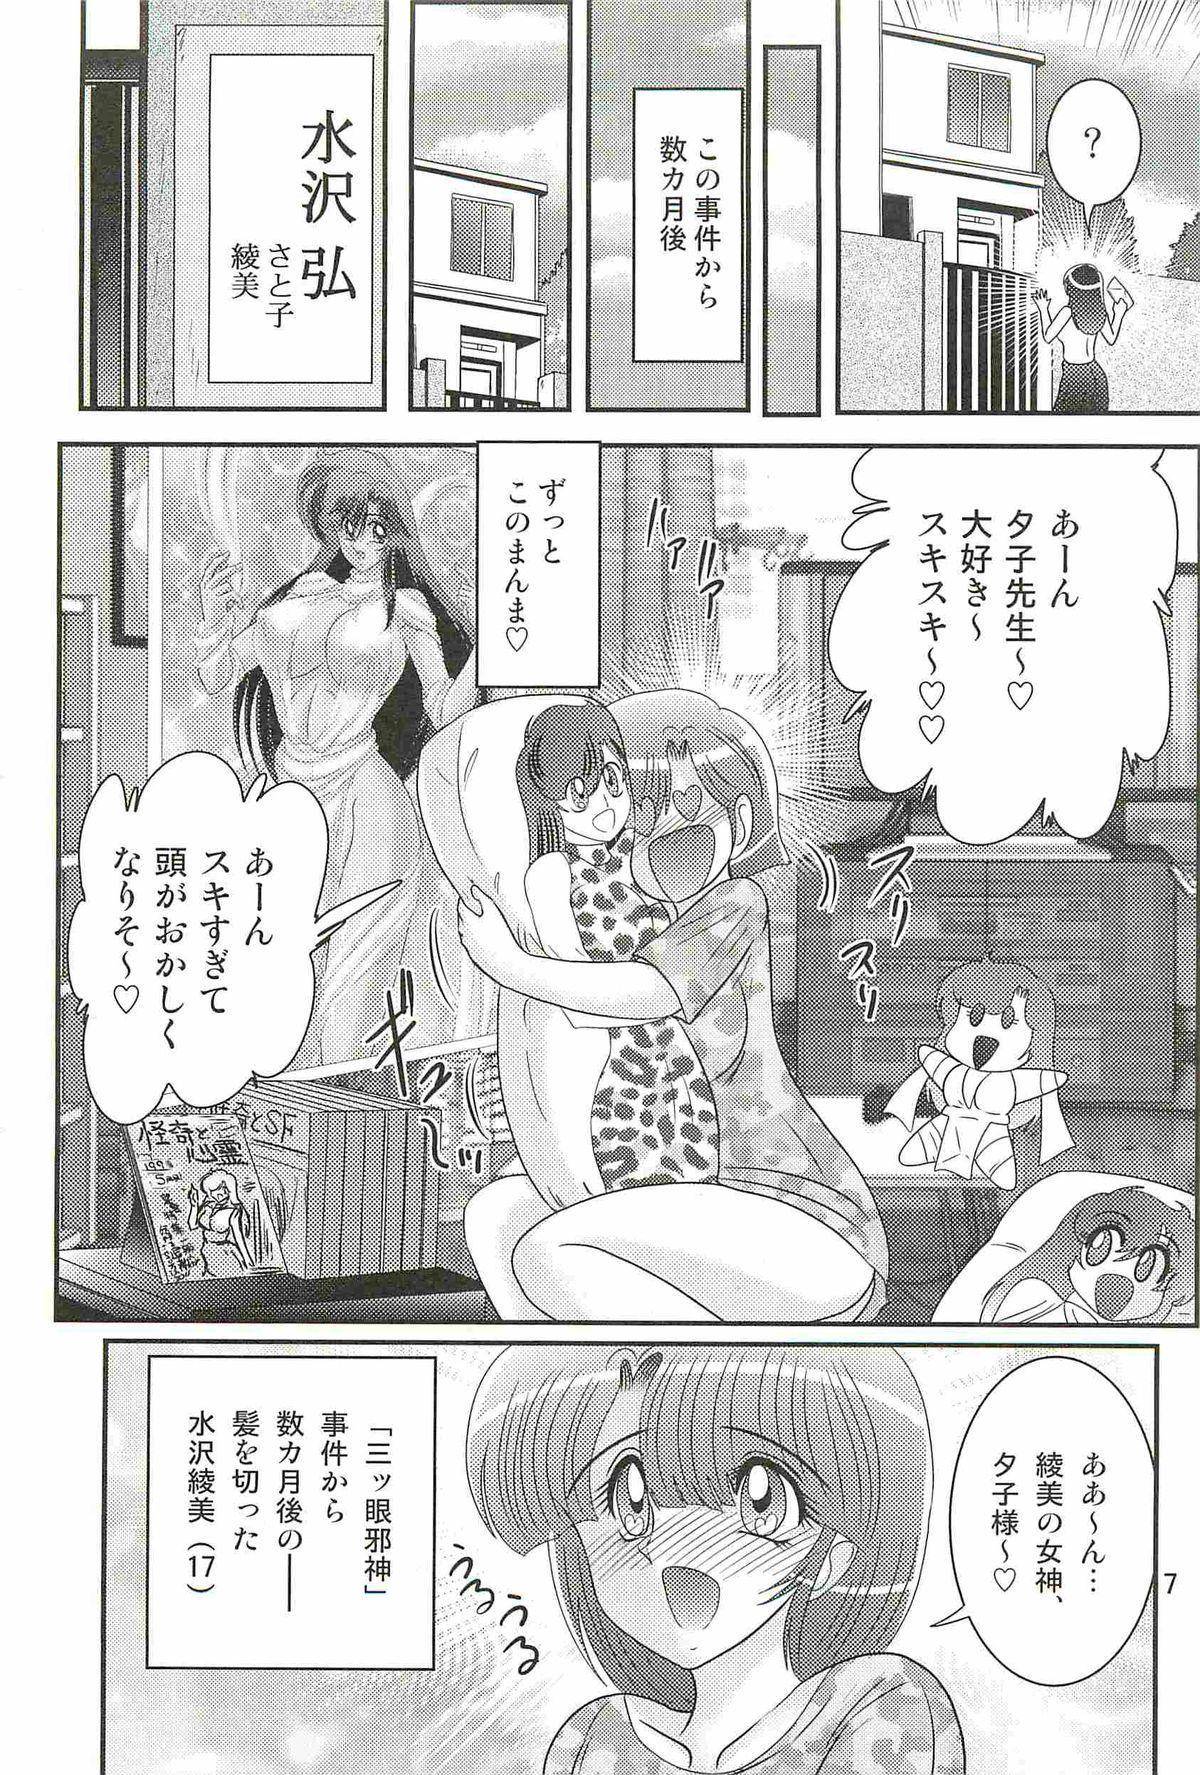 Seirei Tokusou Fairy Saber W - Undead Rape 10